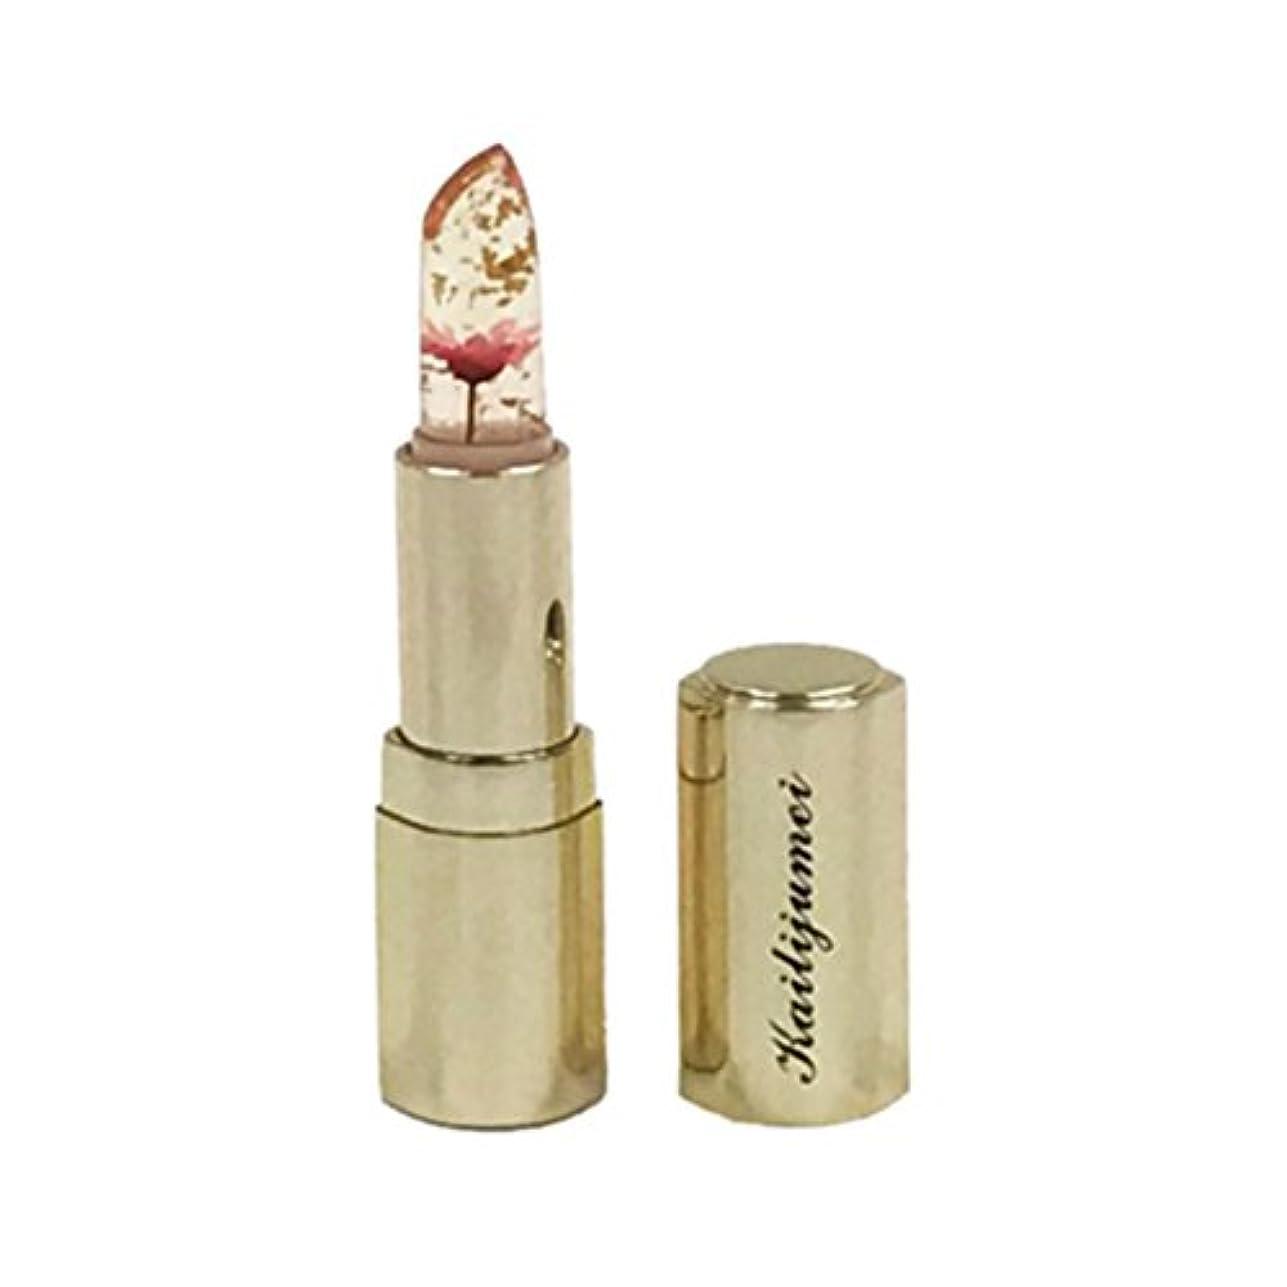 魔術師真珠のような俳優kailijumei カイリジュメイ 直接購入品 フラワーリップスティック 金粉入り Babie Doll Powder ピンク 02